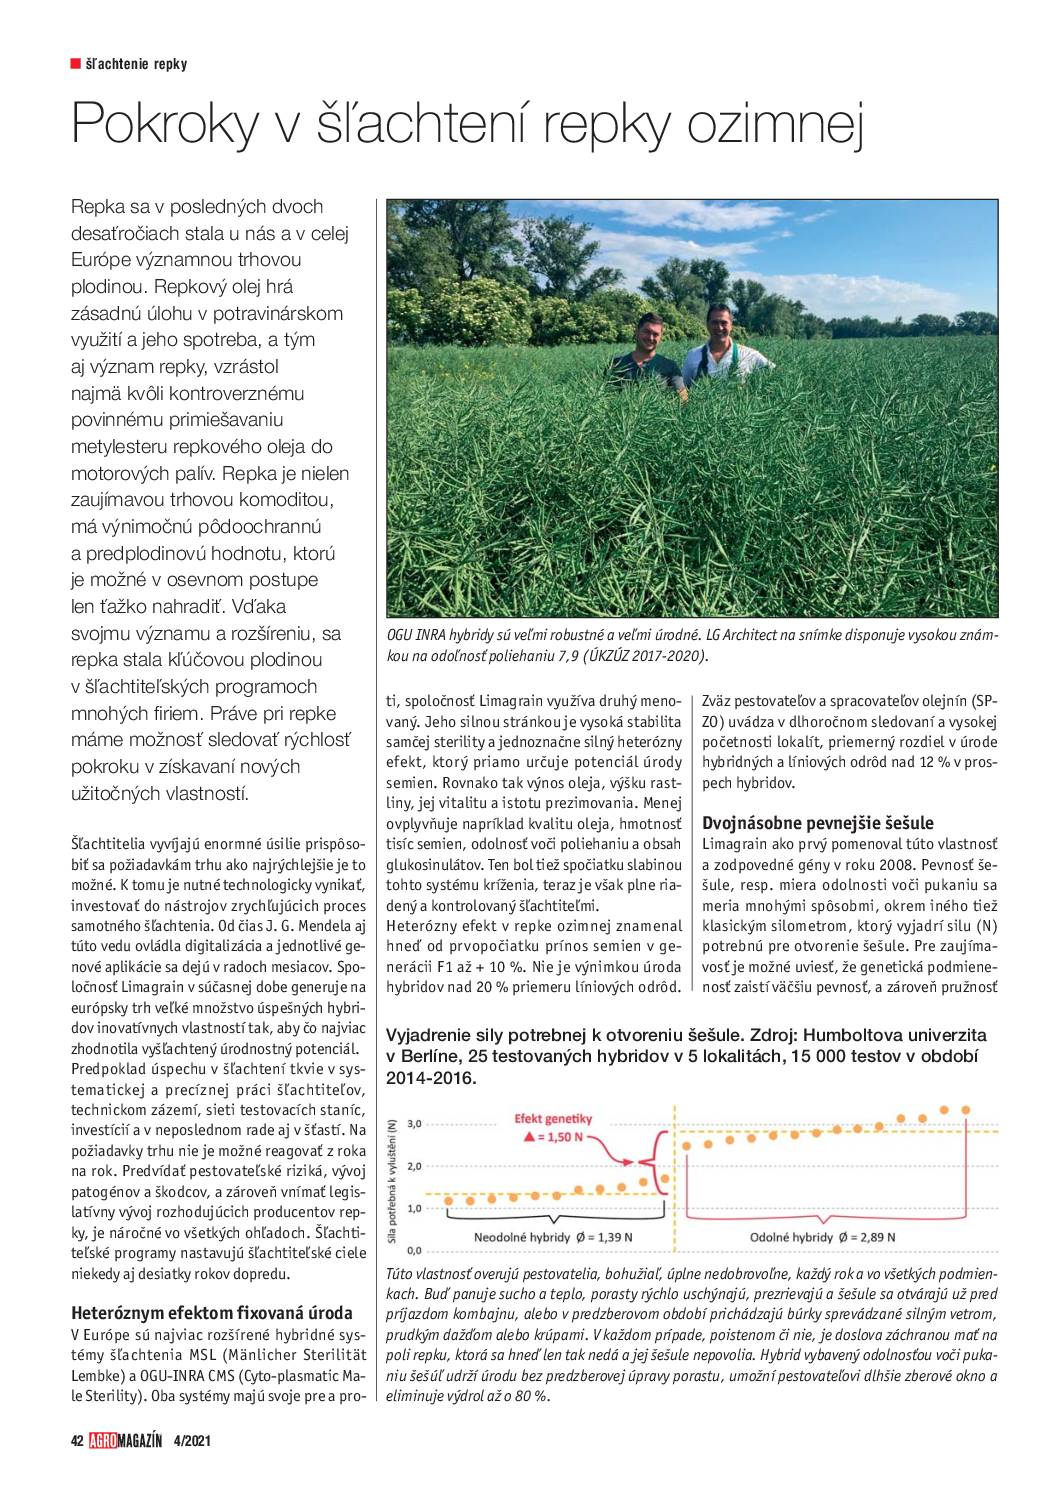 2021 SK_MM genetické výhody Limagrain_Agromagazín5